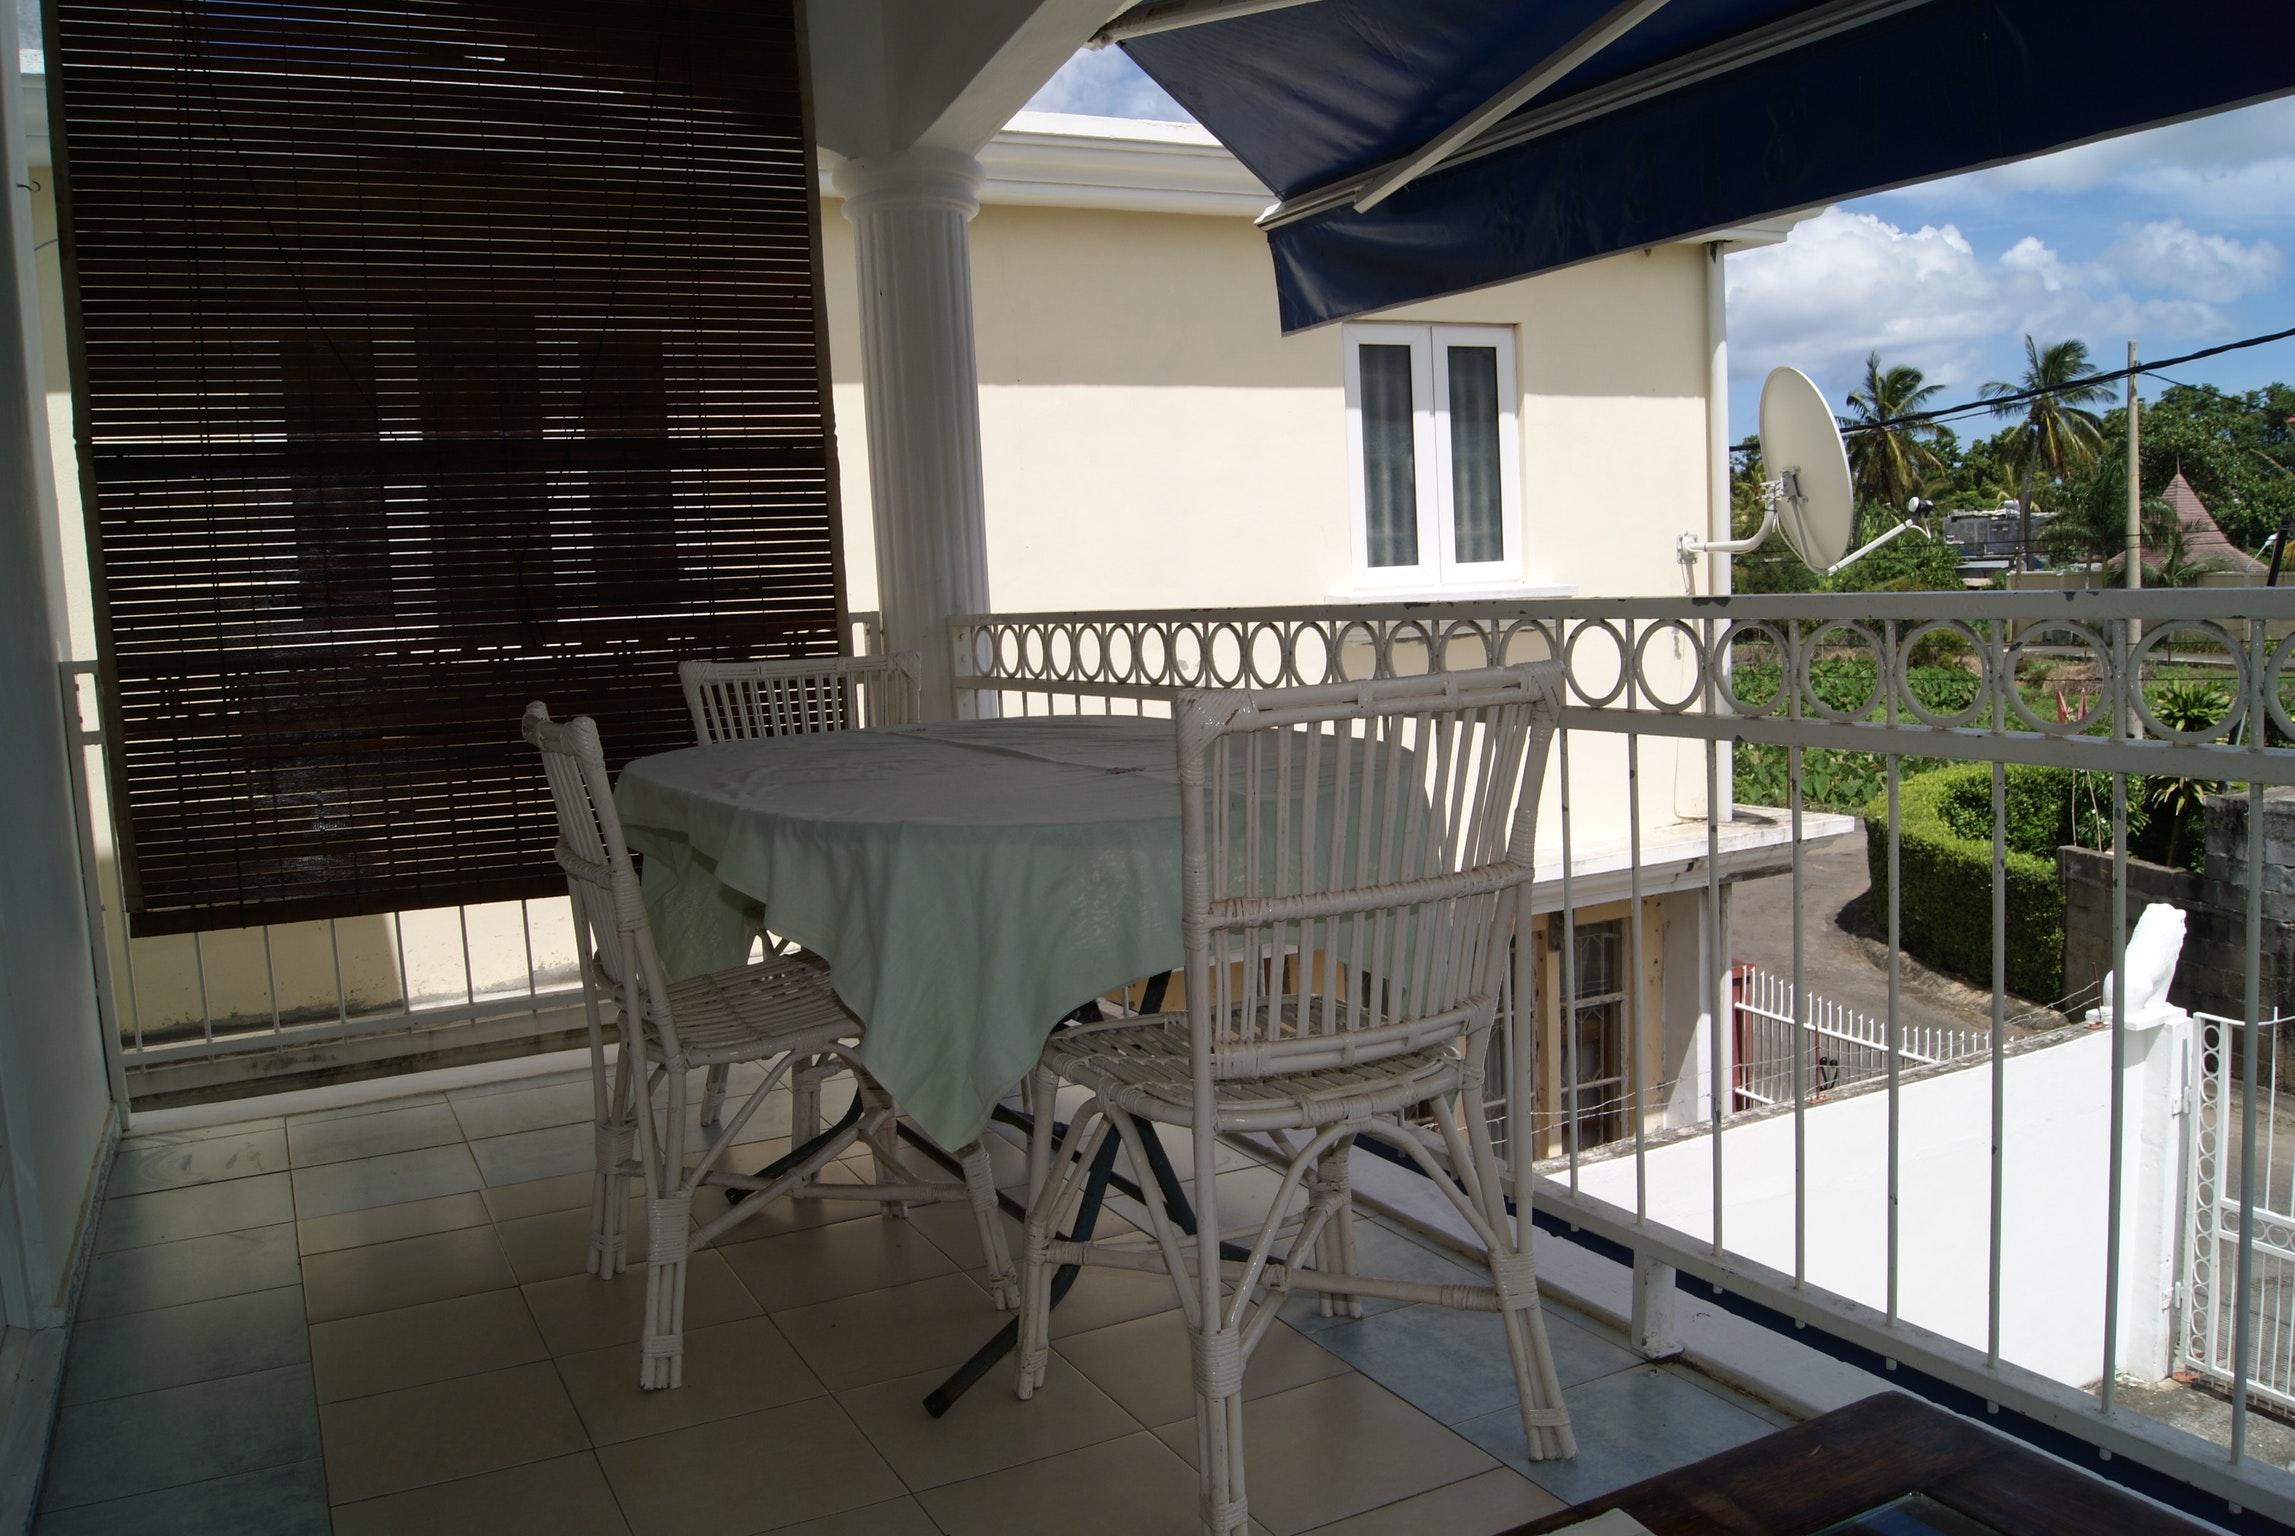 Wohnung mit 3 Schlafzimmern in Bambous mit Balkon  Ferienwohnung in Afrika